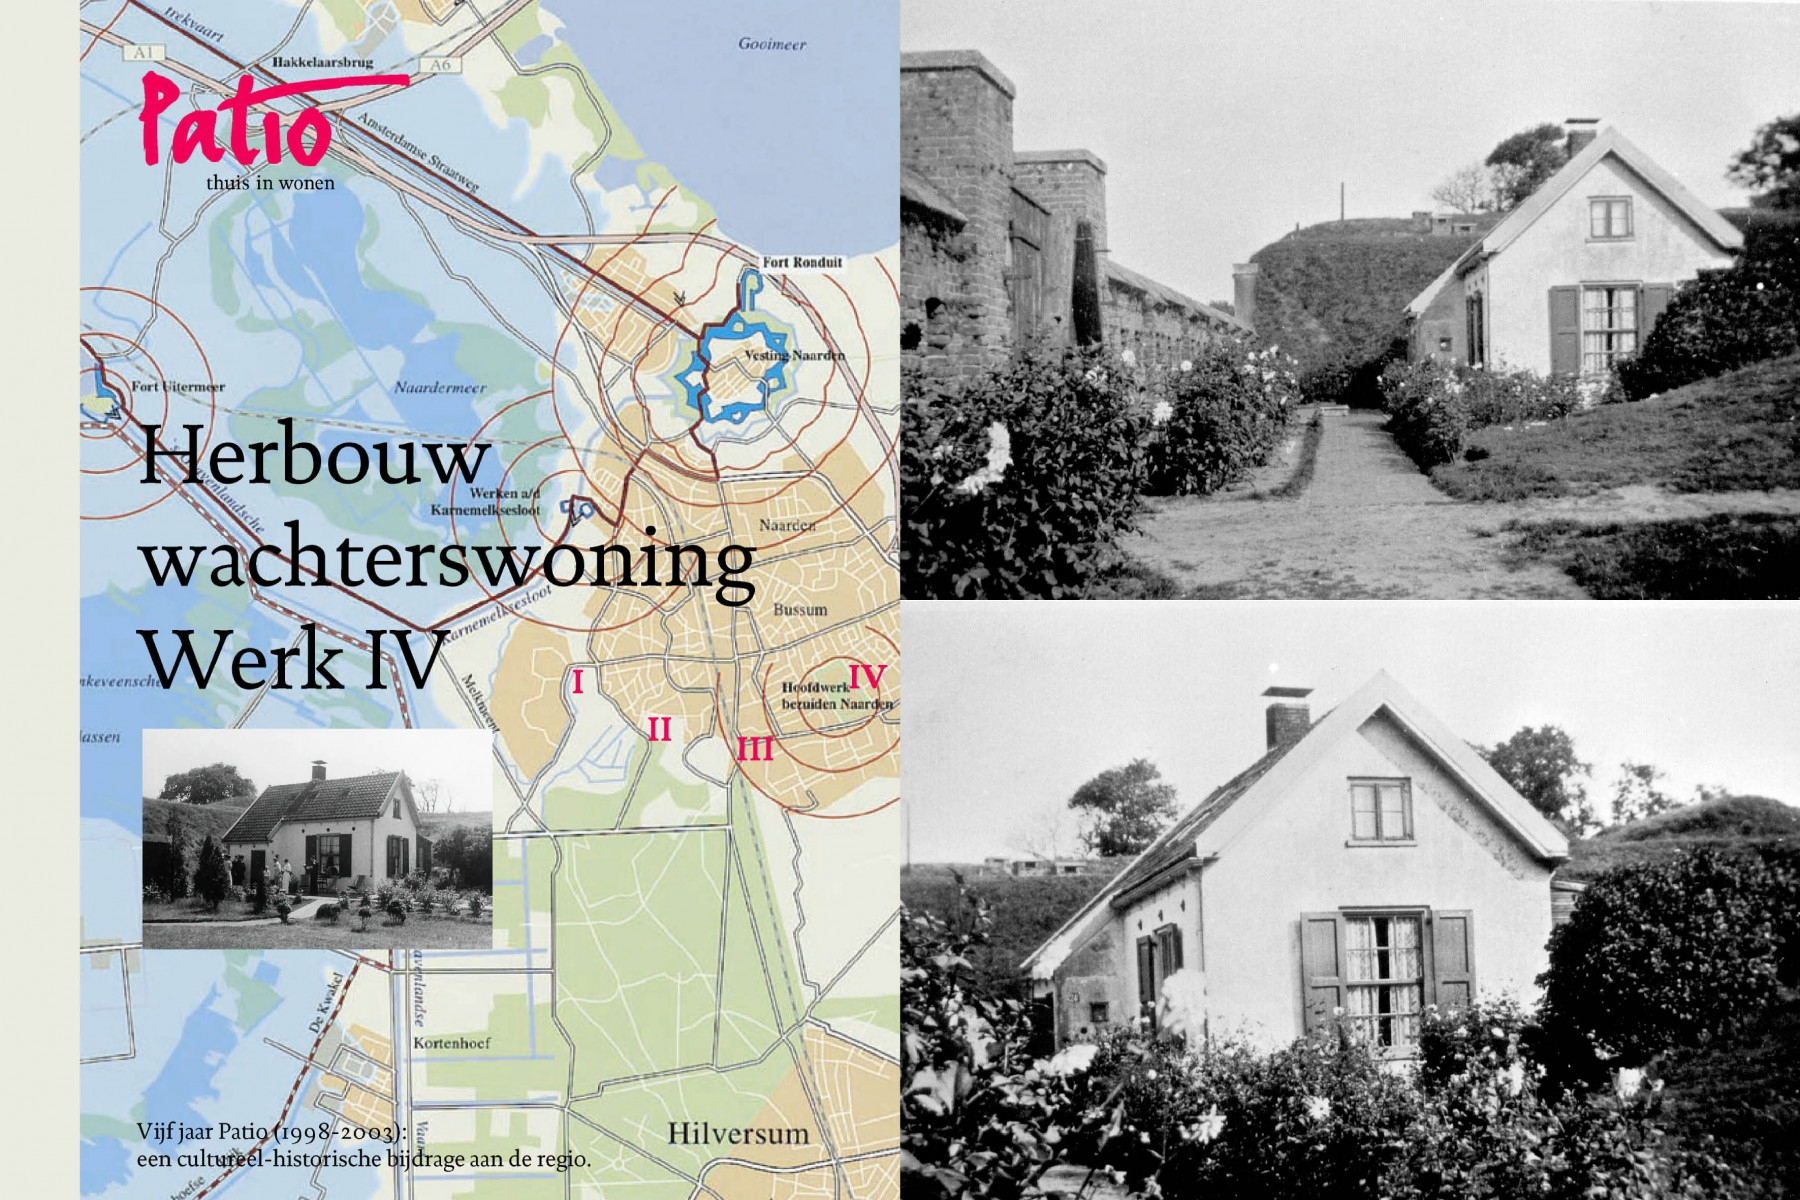 Fort Werk iv herbouw wachterswoning Bussum